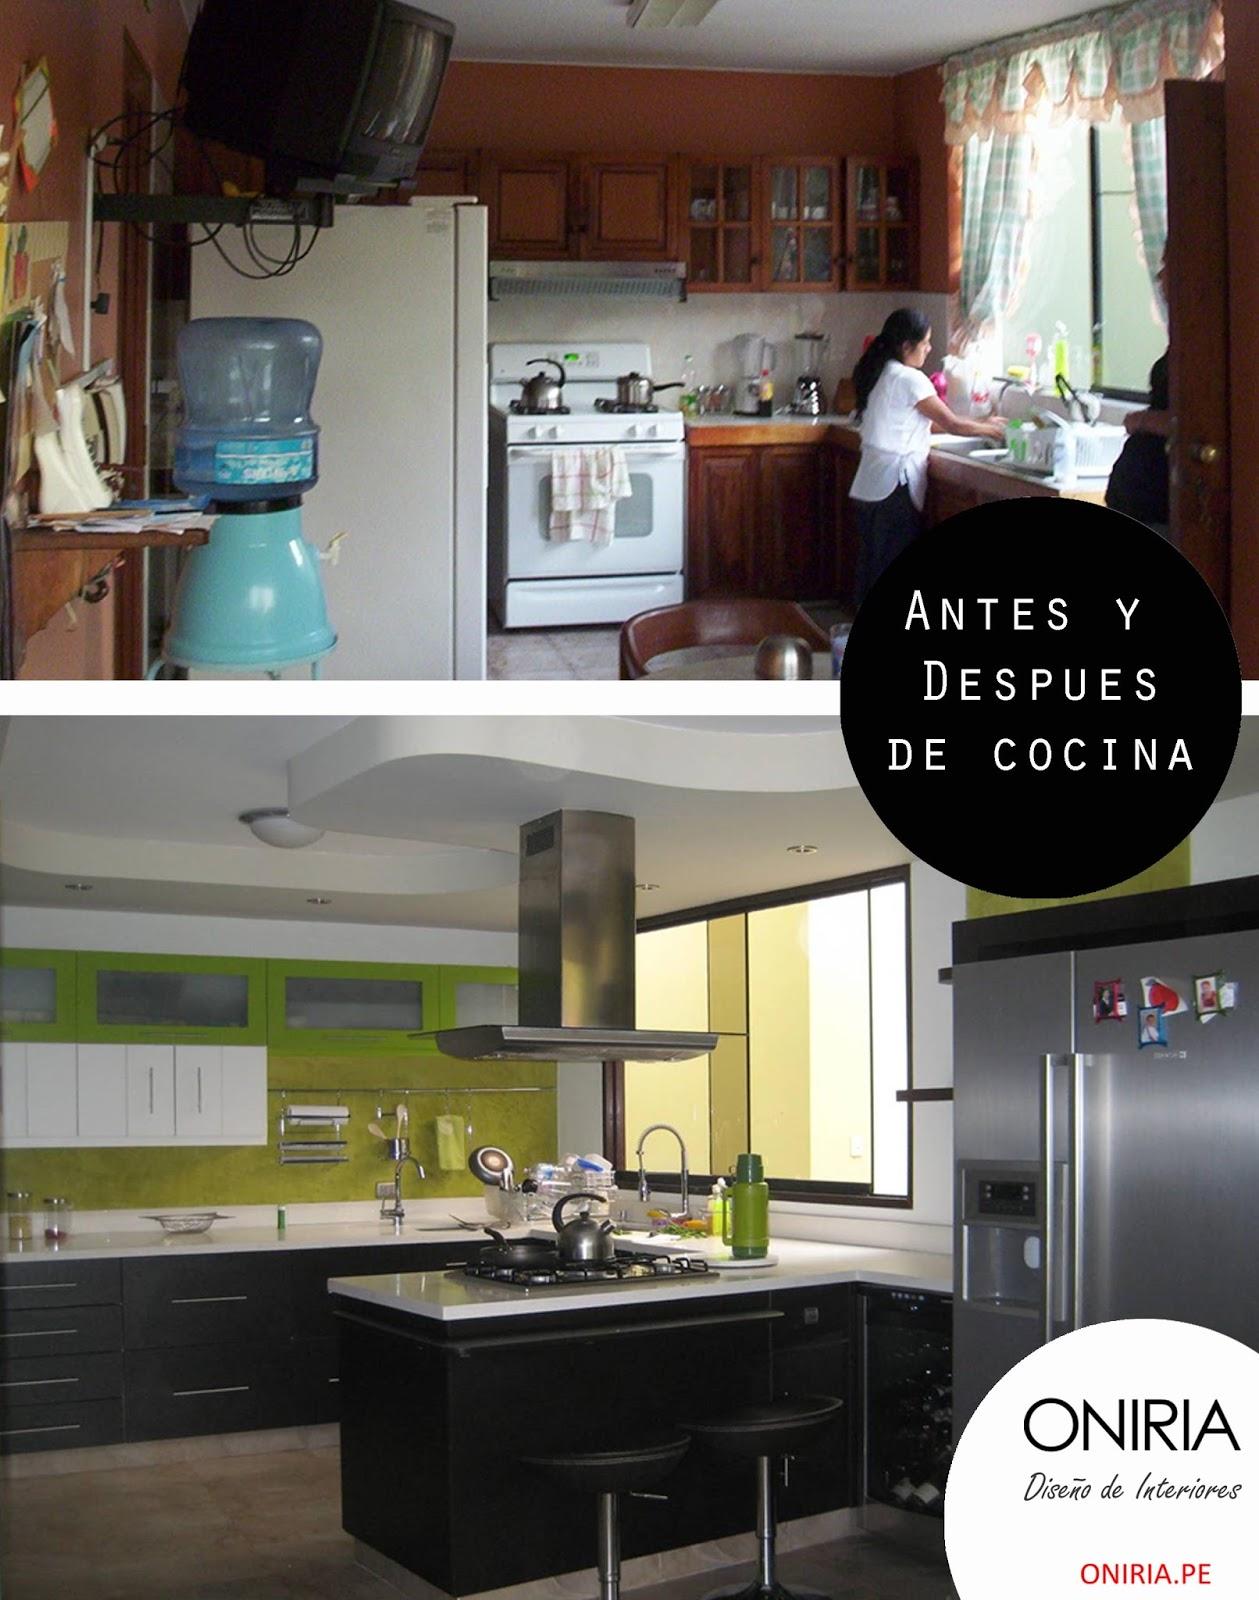 Oniria antes y despues remodelaci n de cocina - Casas reformadas antes y despues ...